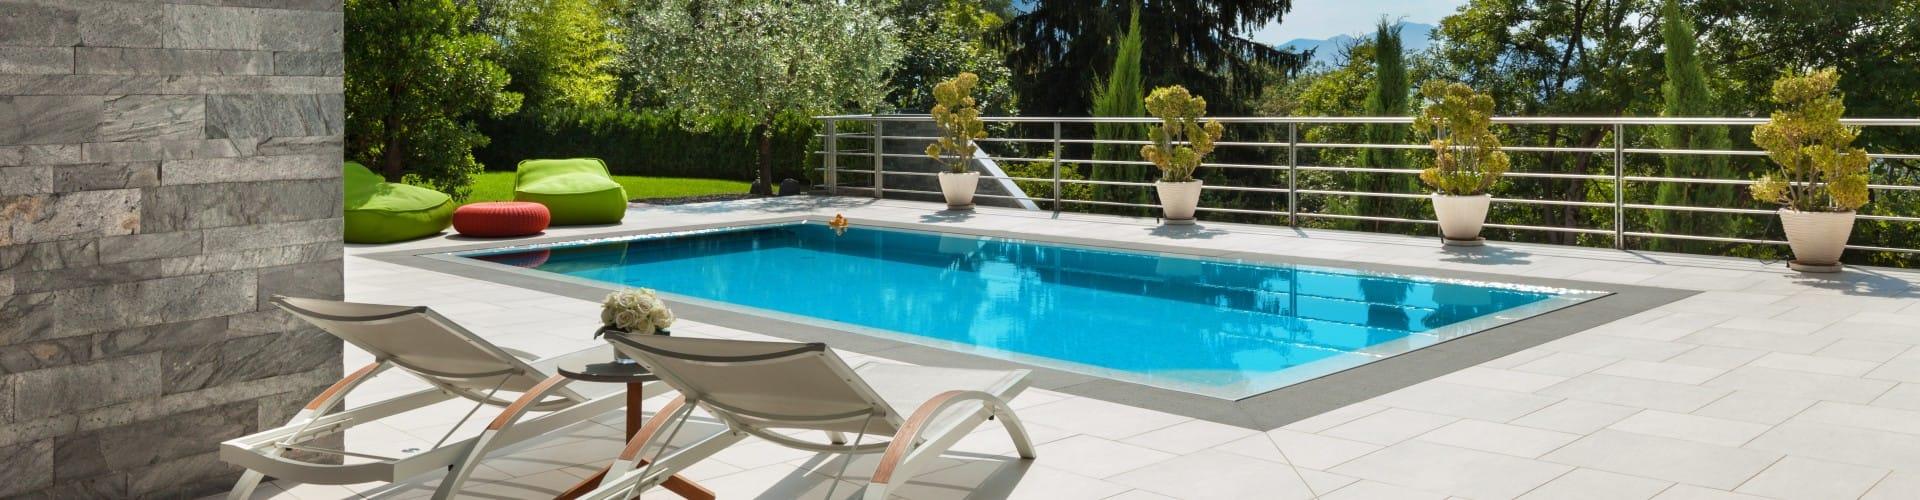 Pour votre piscine demandez vos devis for Piscine devis